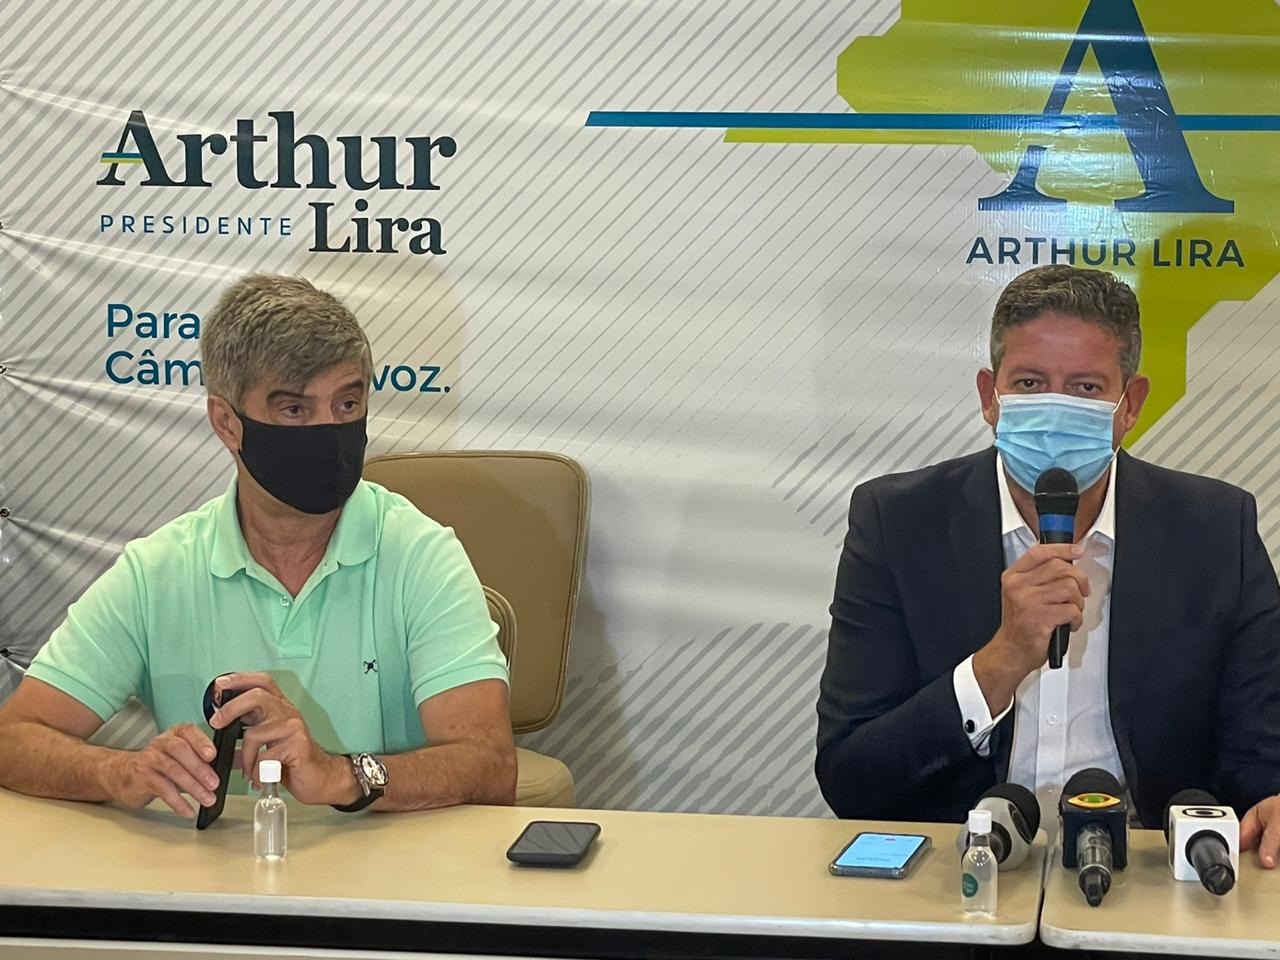 WhatsApp Image 2021 01 13 at 18.10.31 3 - Arthur Lira prega 'união' com Aguinaldo e cita proximidade com bancada paraibana: 'amigos de uma década'; VEJA VÍDEO